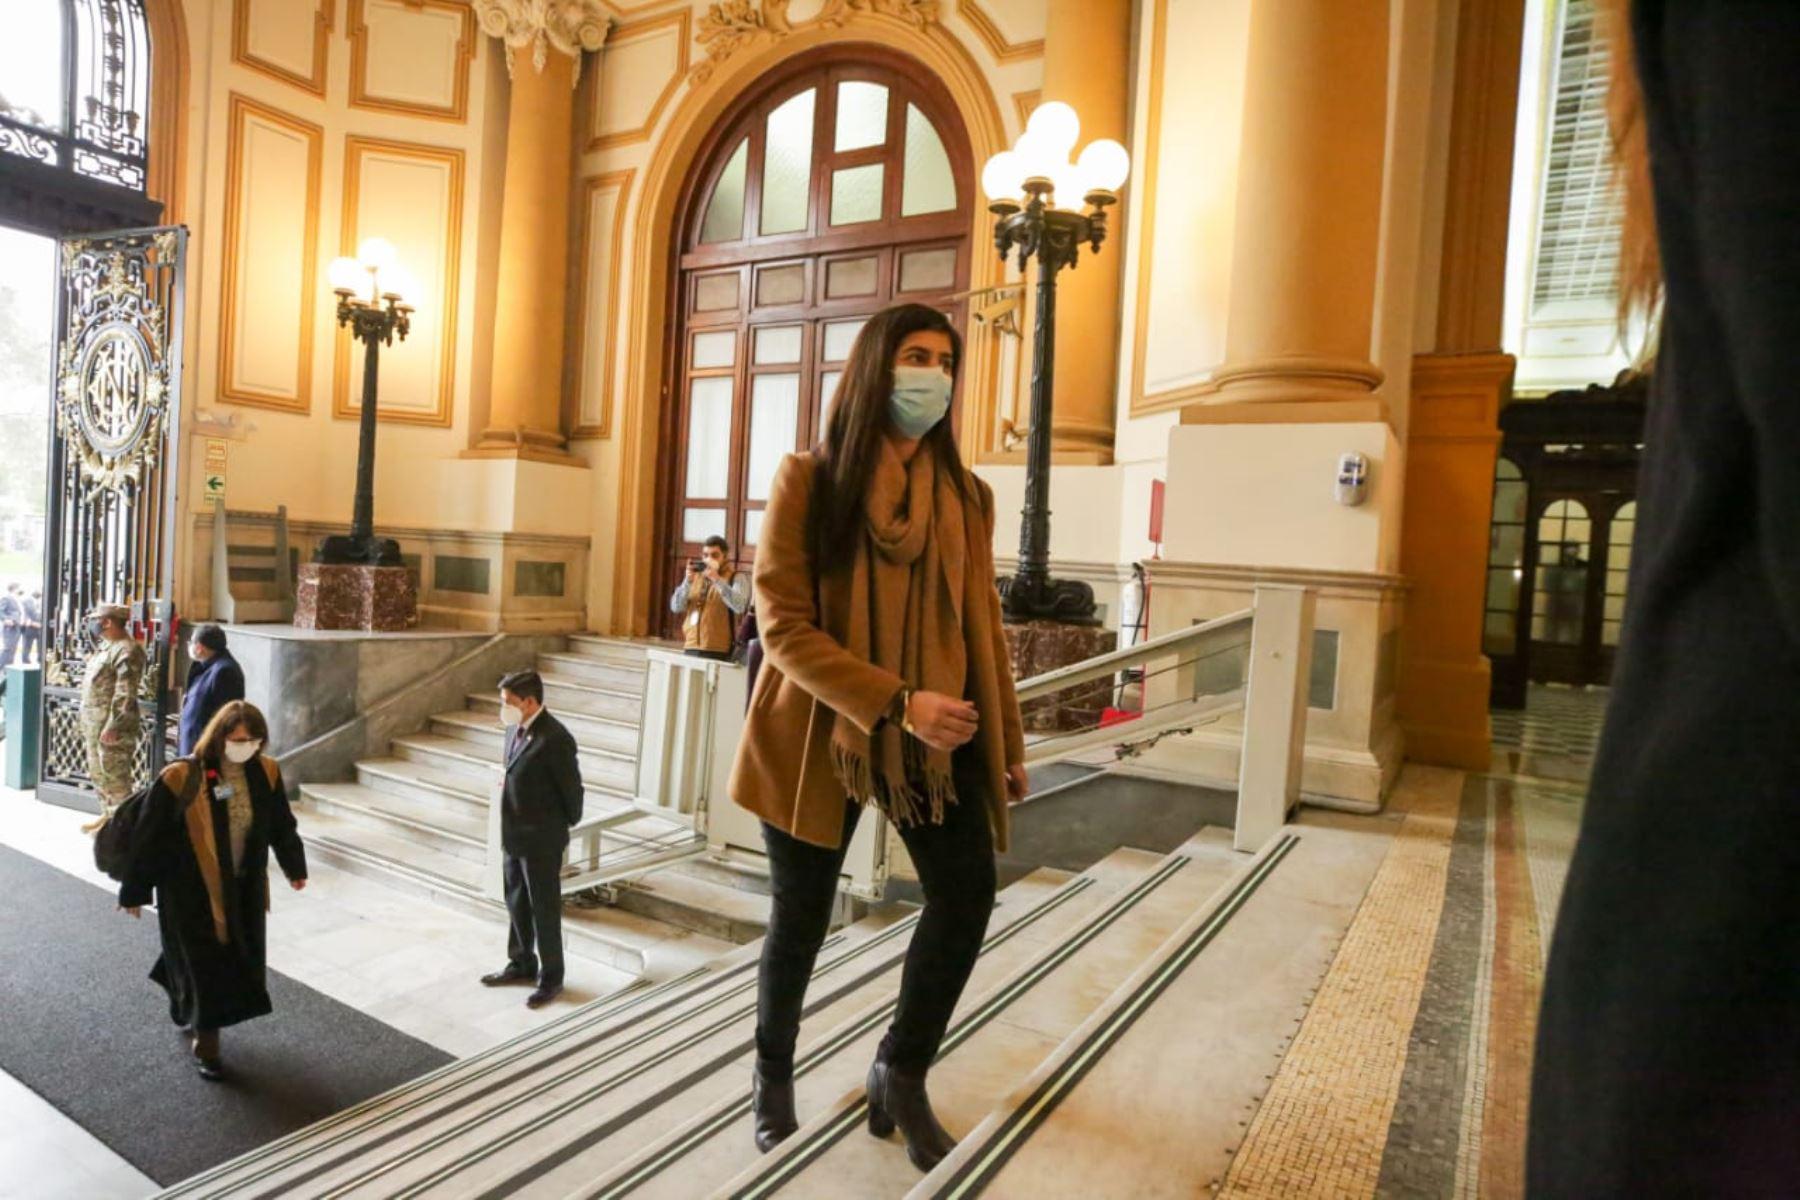 Ministra de Economía y Finanzas, Maria Antonieta Alva, llega a sede del Congreso junto al gabinete ministerial para solicitar el voto de confianza. Foto: ANDINA/PCM